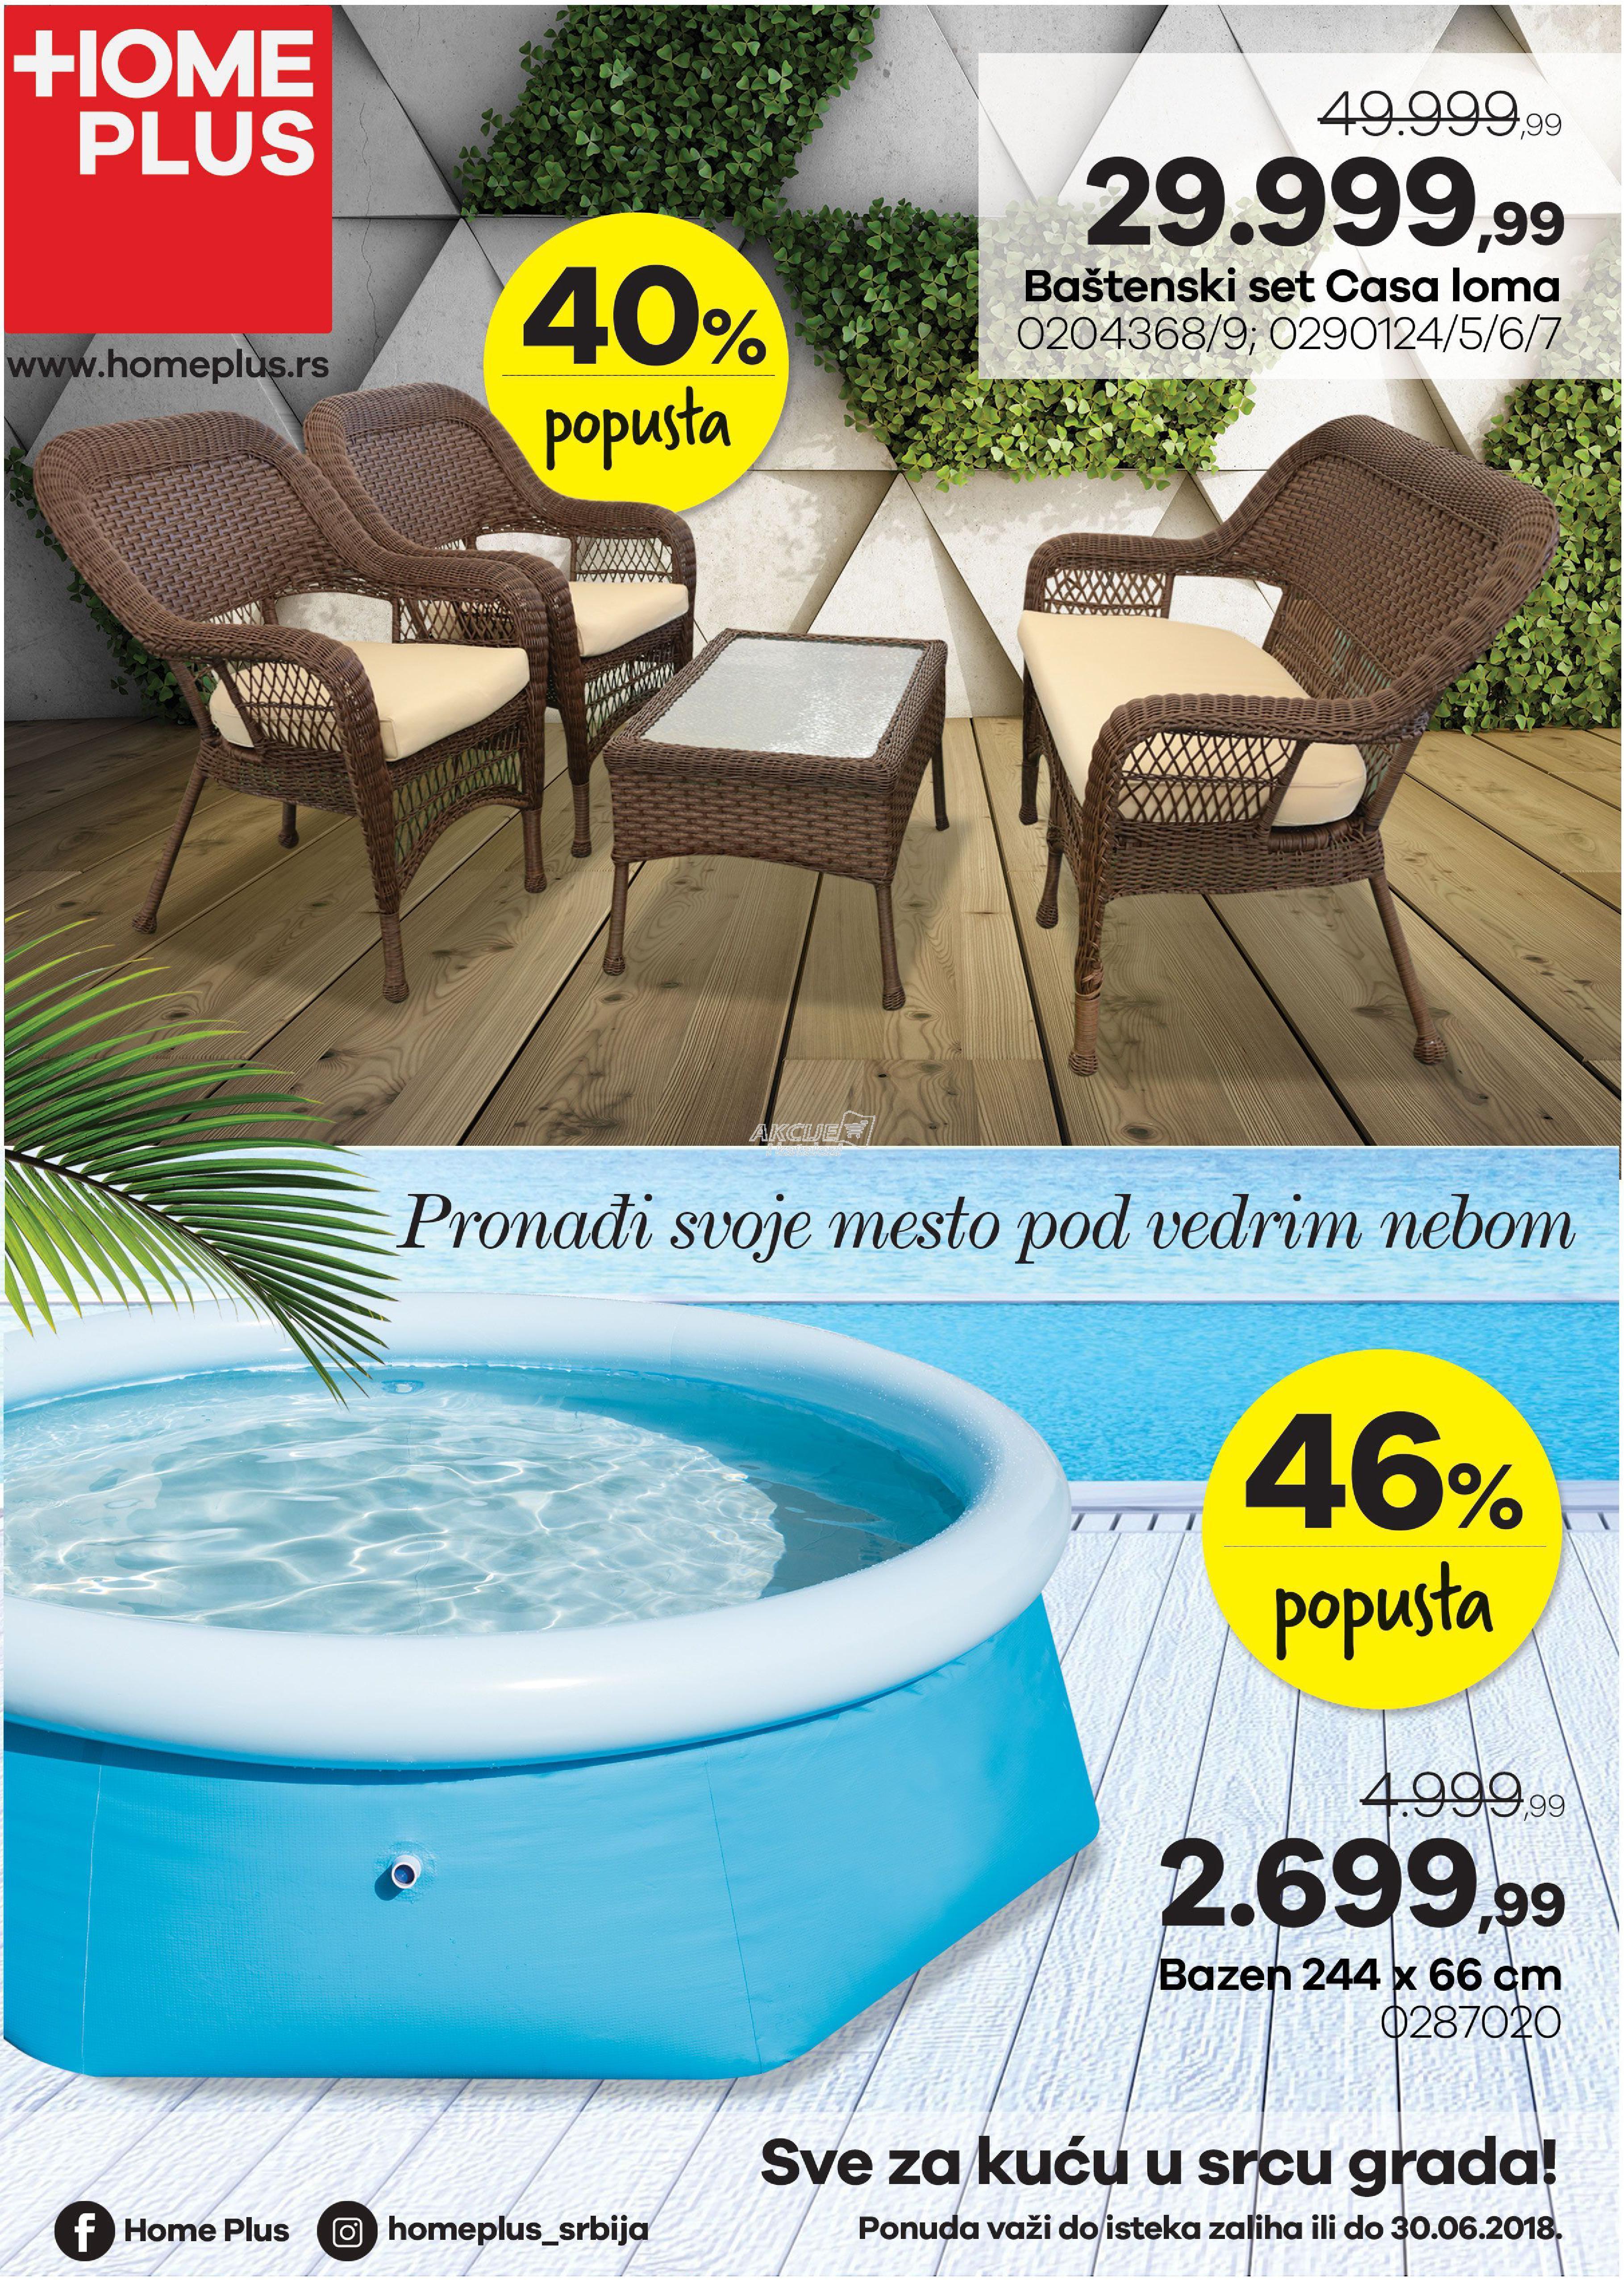 Home Plus - Redovna akcija odlične kupovine